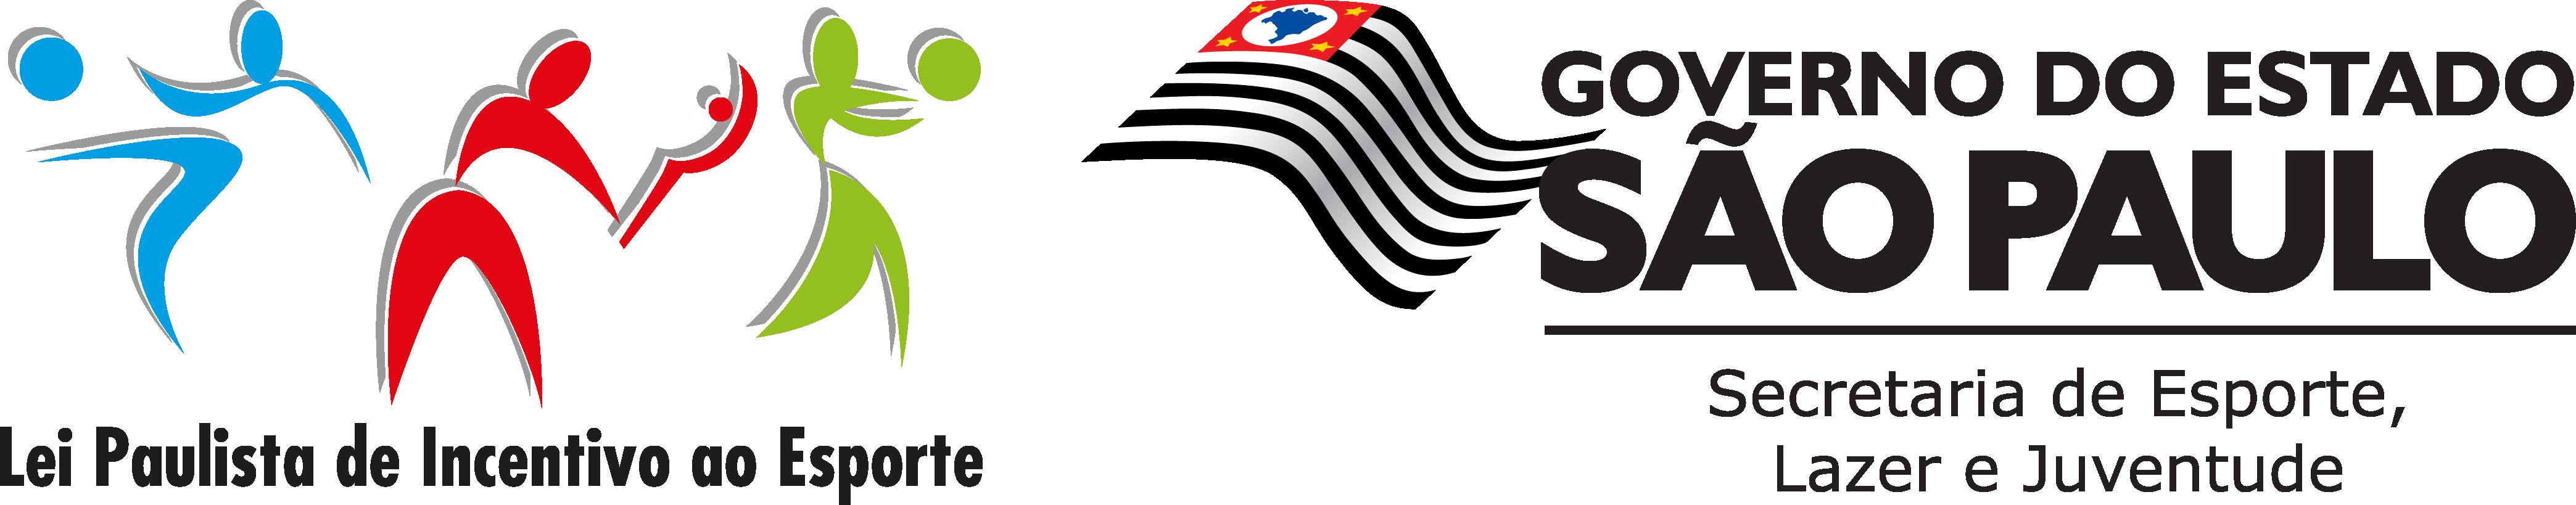 Logotipo Estado de São Paulo Novo